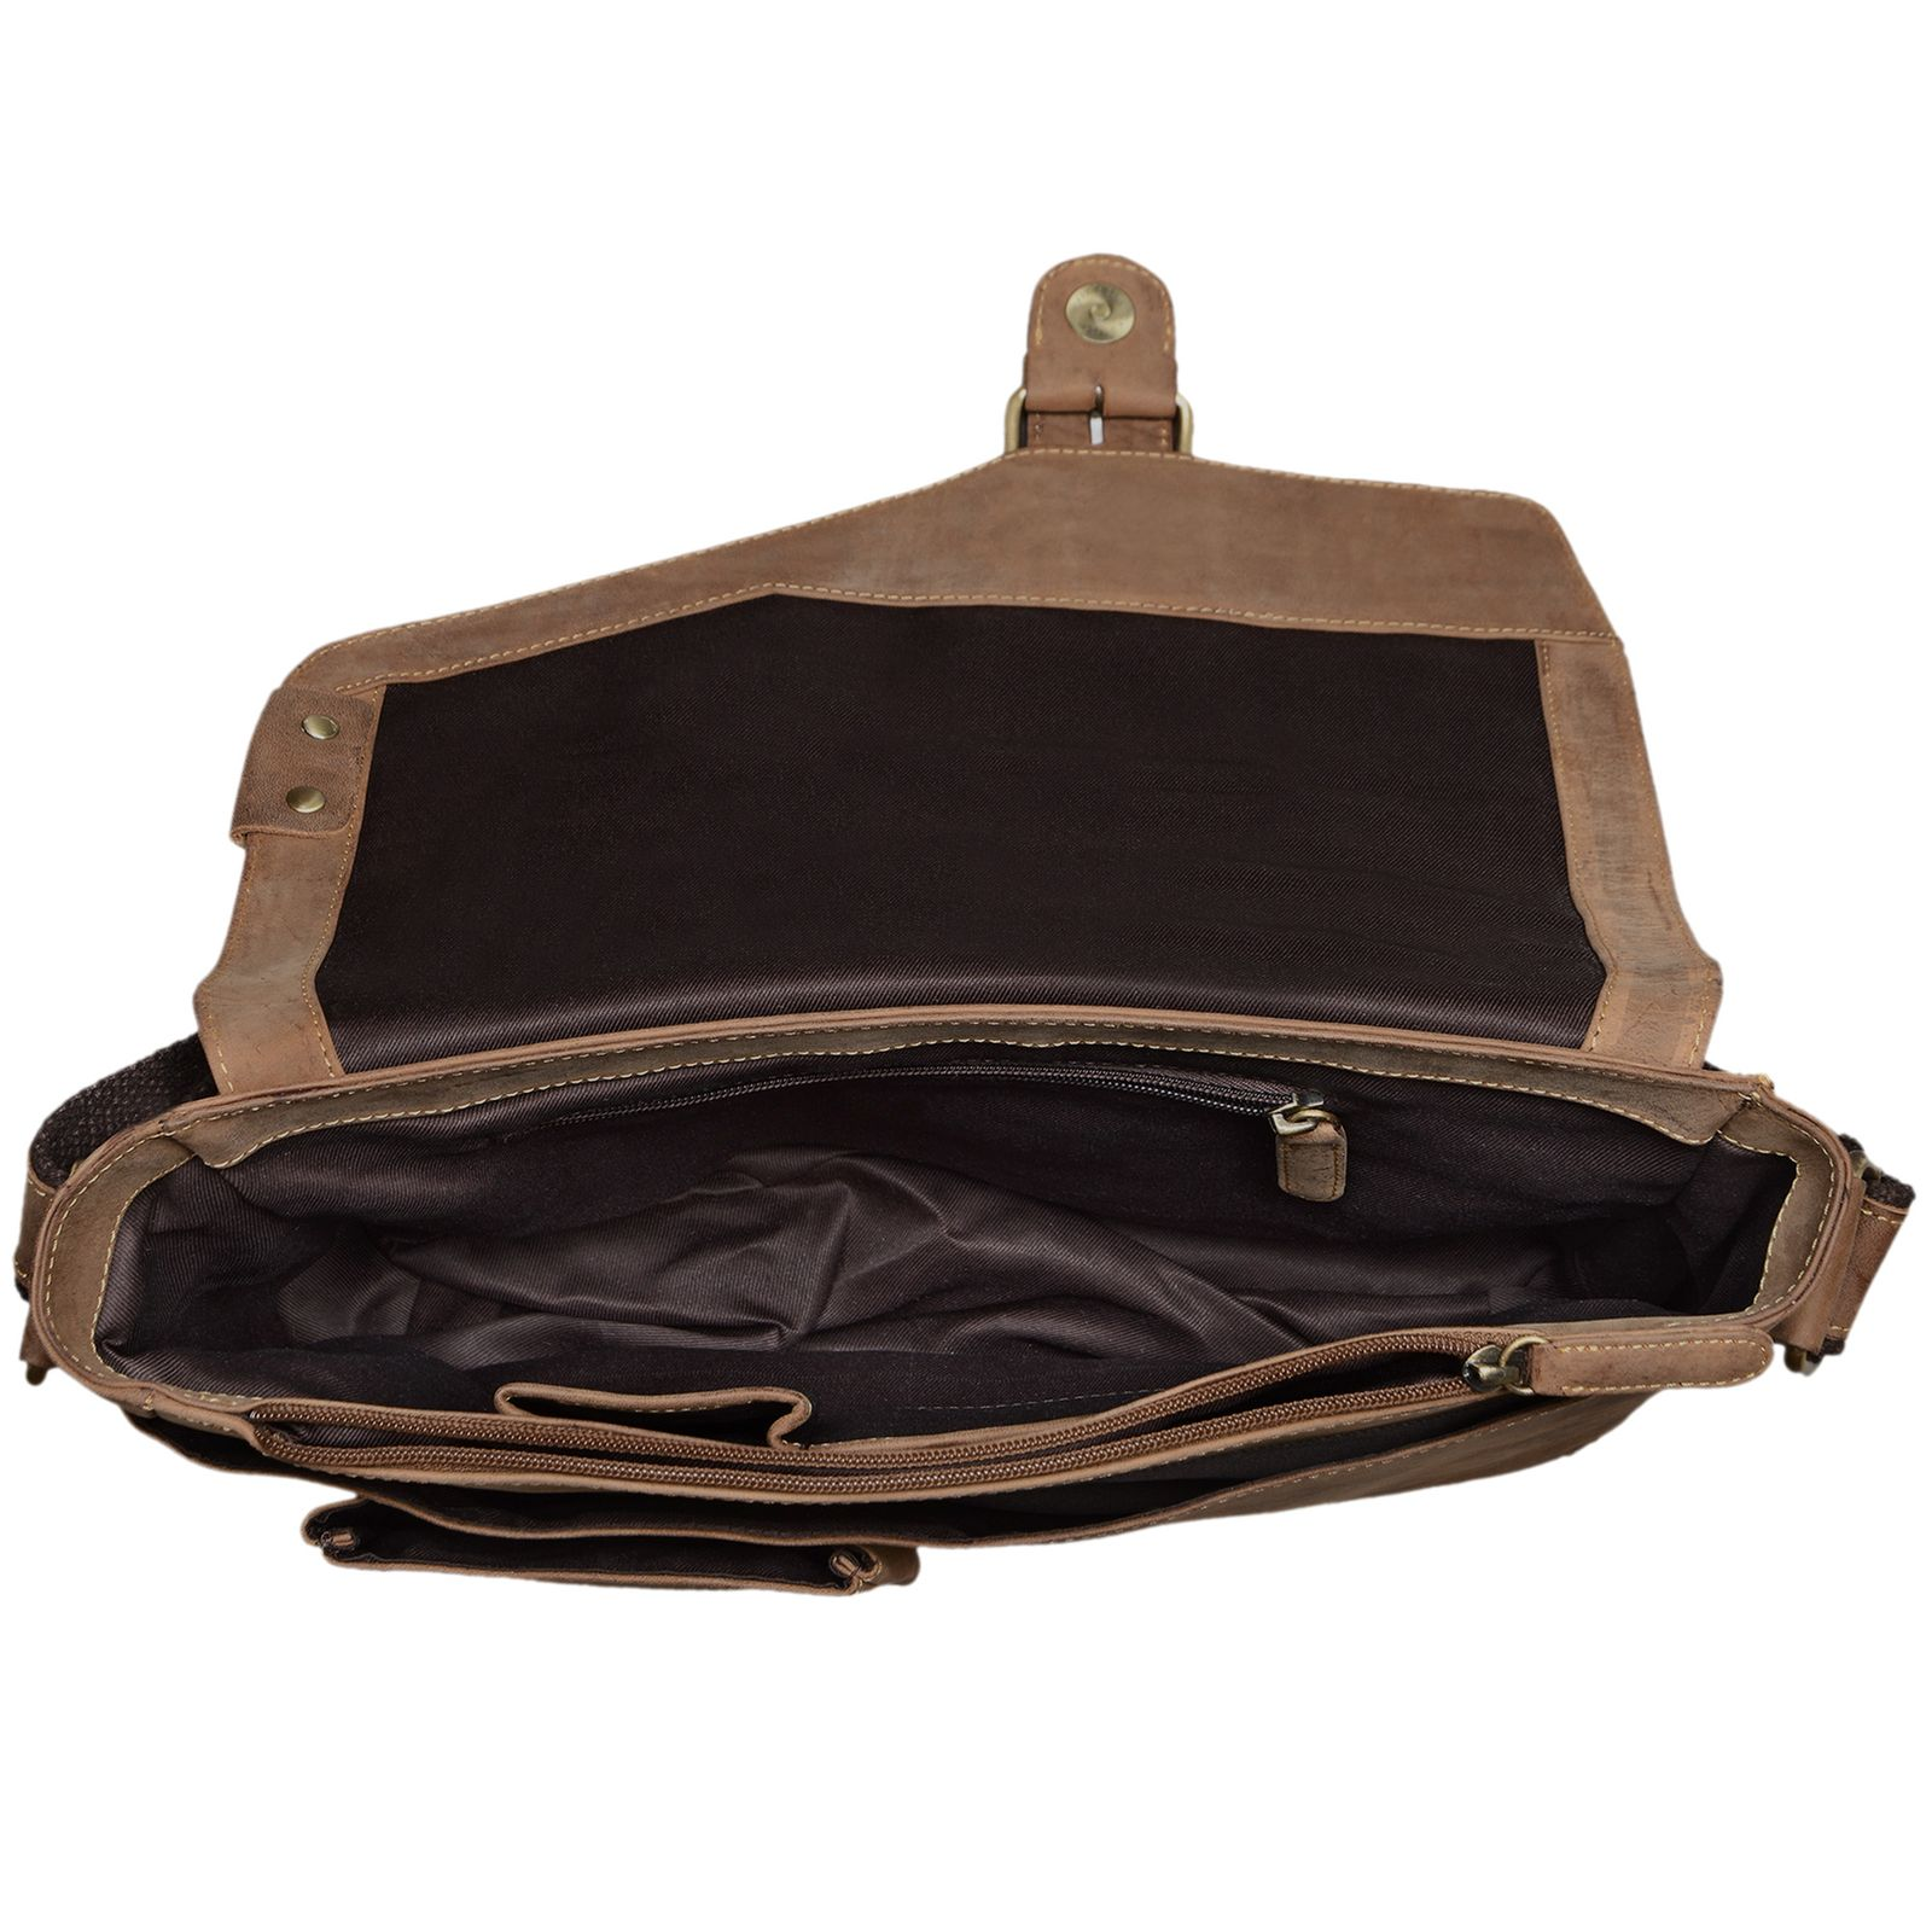 """STILORD """"Tim"""" Messenger Bag Leder für 13,3 Zoll MacBooktasche DIN A4 Herren Damen Vintage Umhängetasche Messengertasche Unitasche Büchertasche Echtleder - Bild 11"""